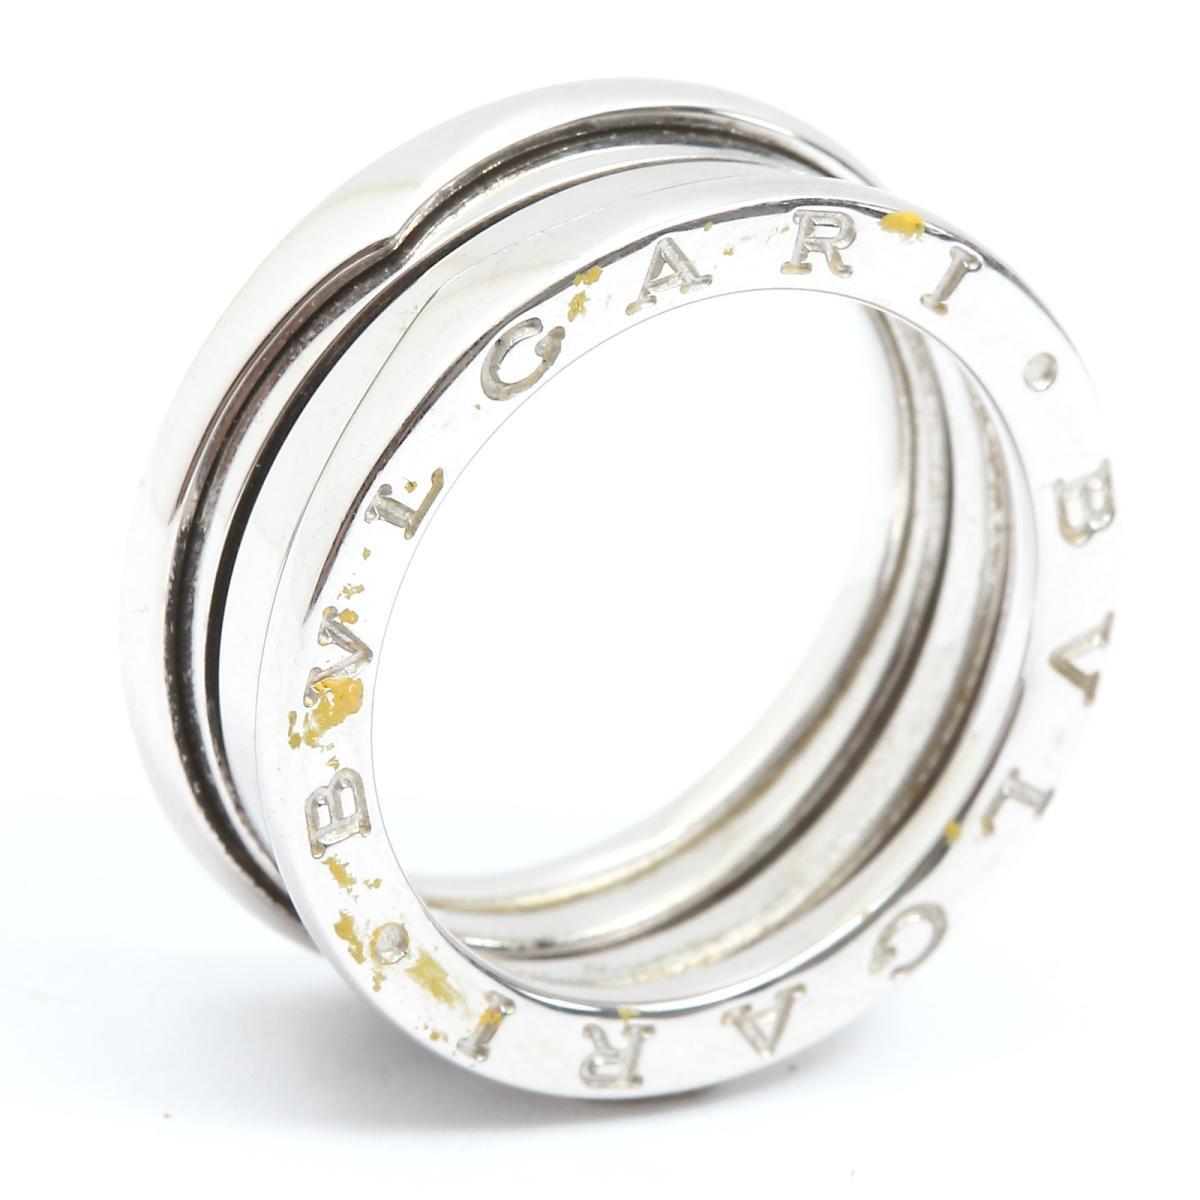 6fc02b432383 ブルガリ B-zero1 リング Sサイズ 指輪 ビーゼロワン ブランドジュエリー ...